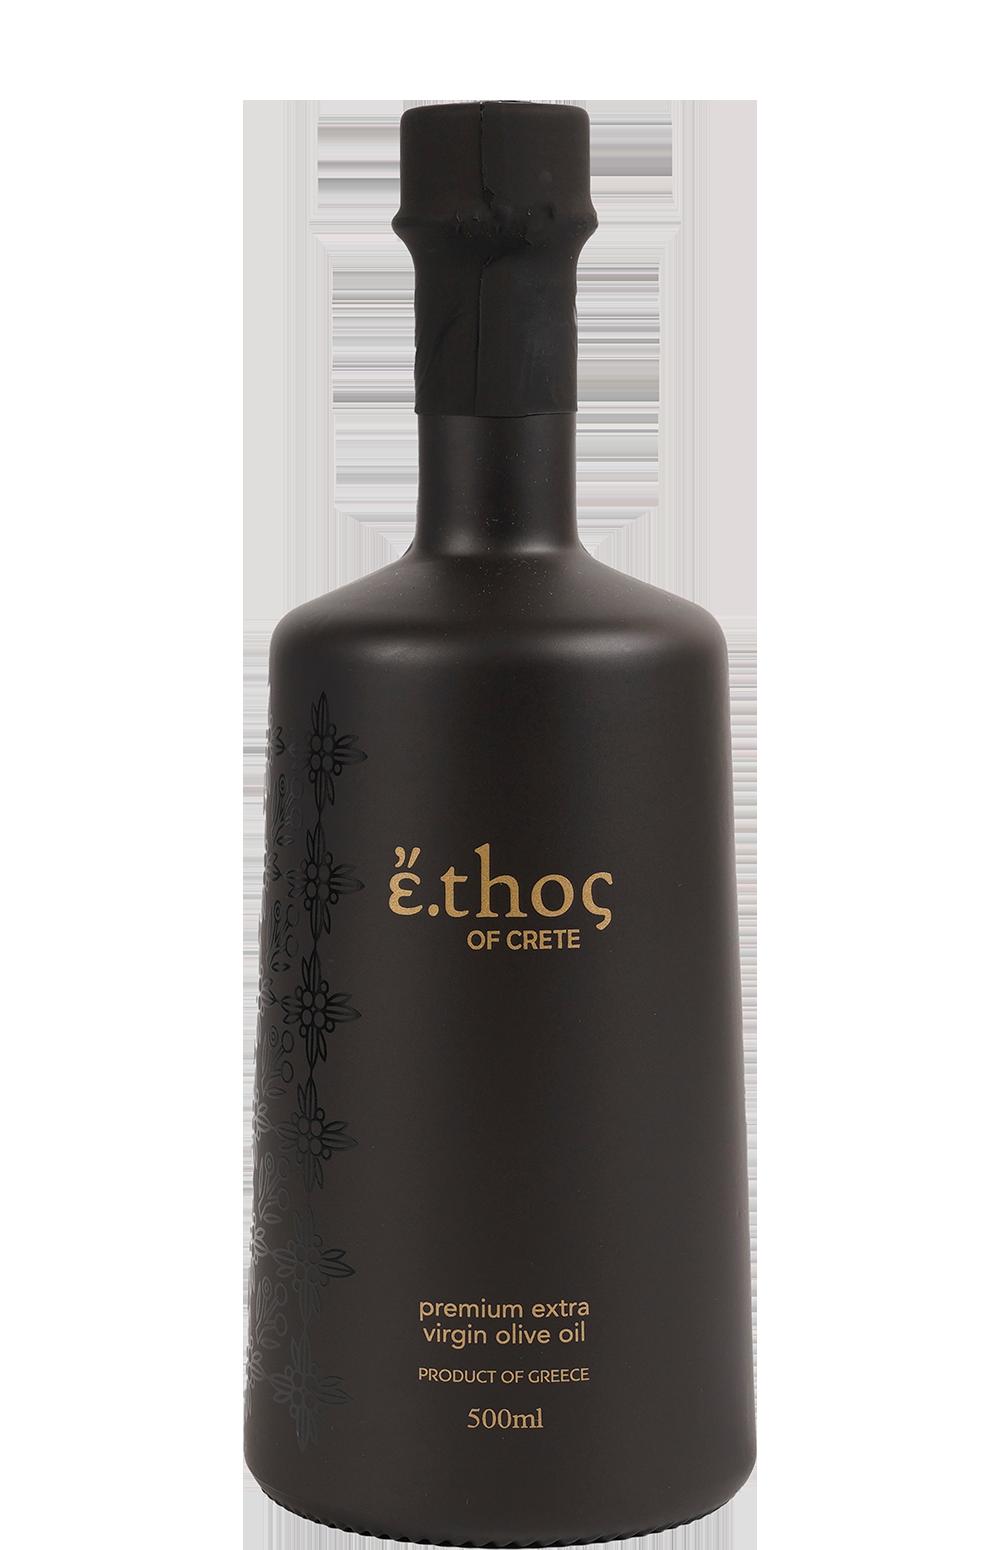 Ethos of Crete Premium